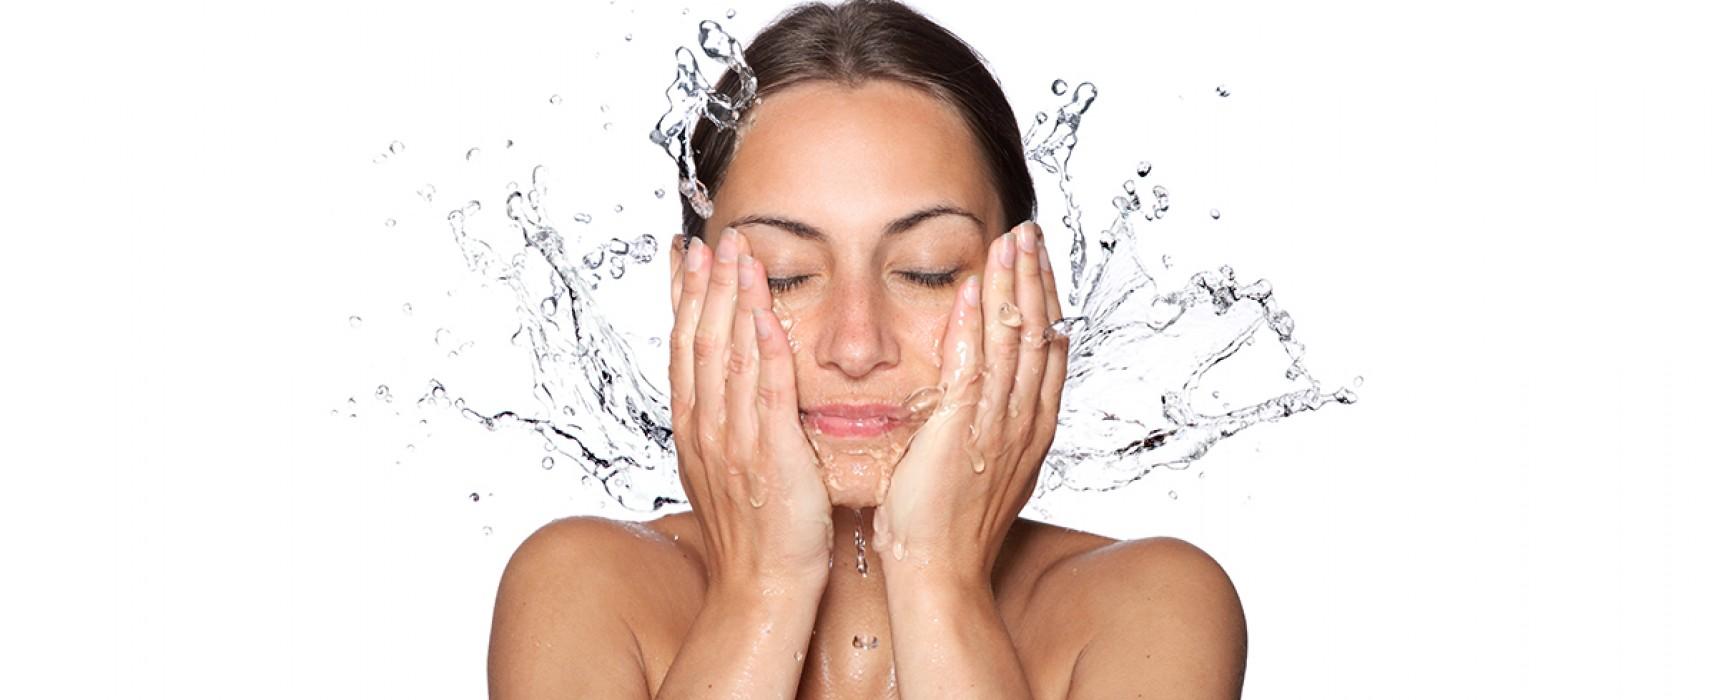 Dicas para manter um rosto saudável após uso de maquiagem